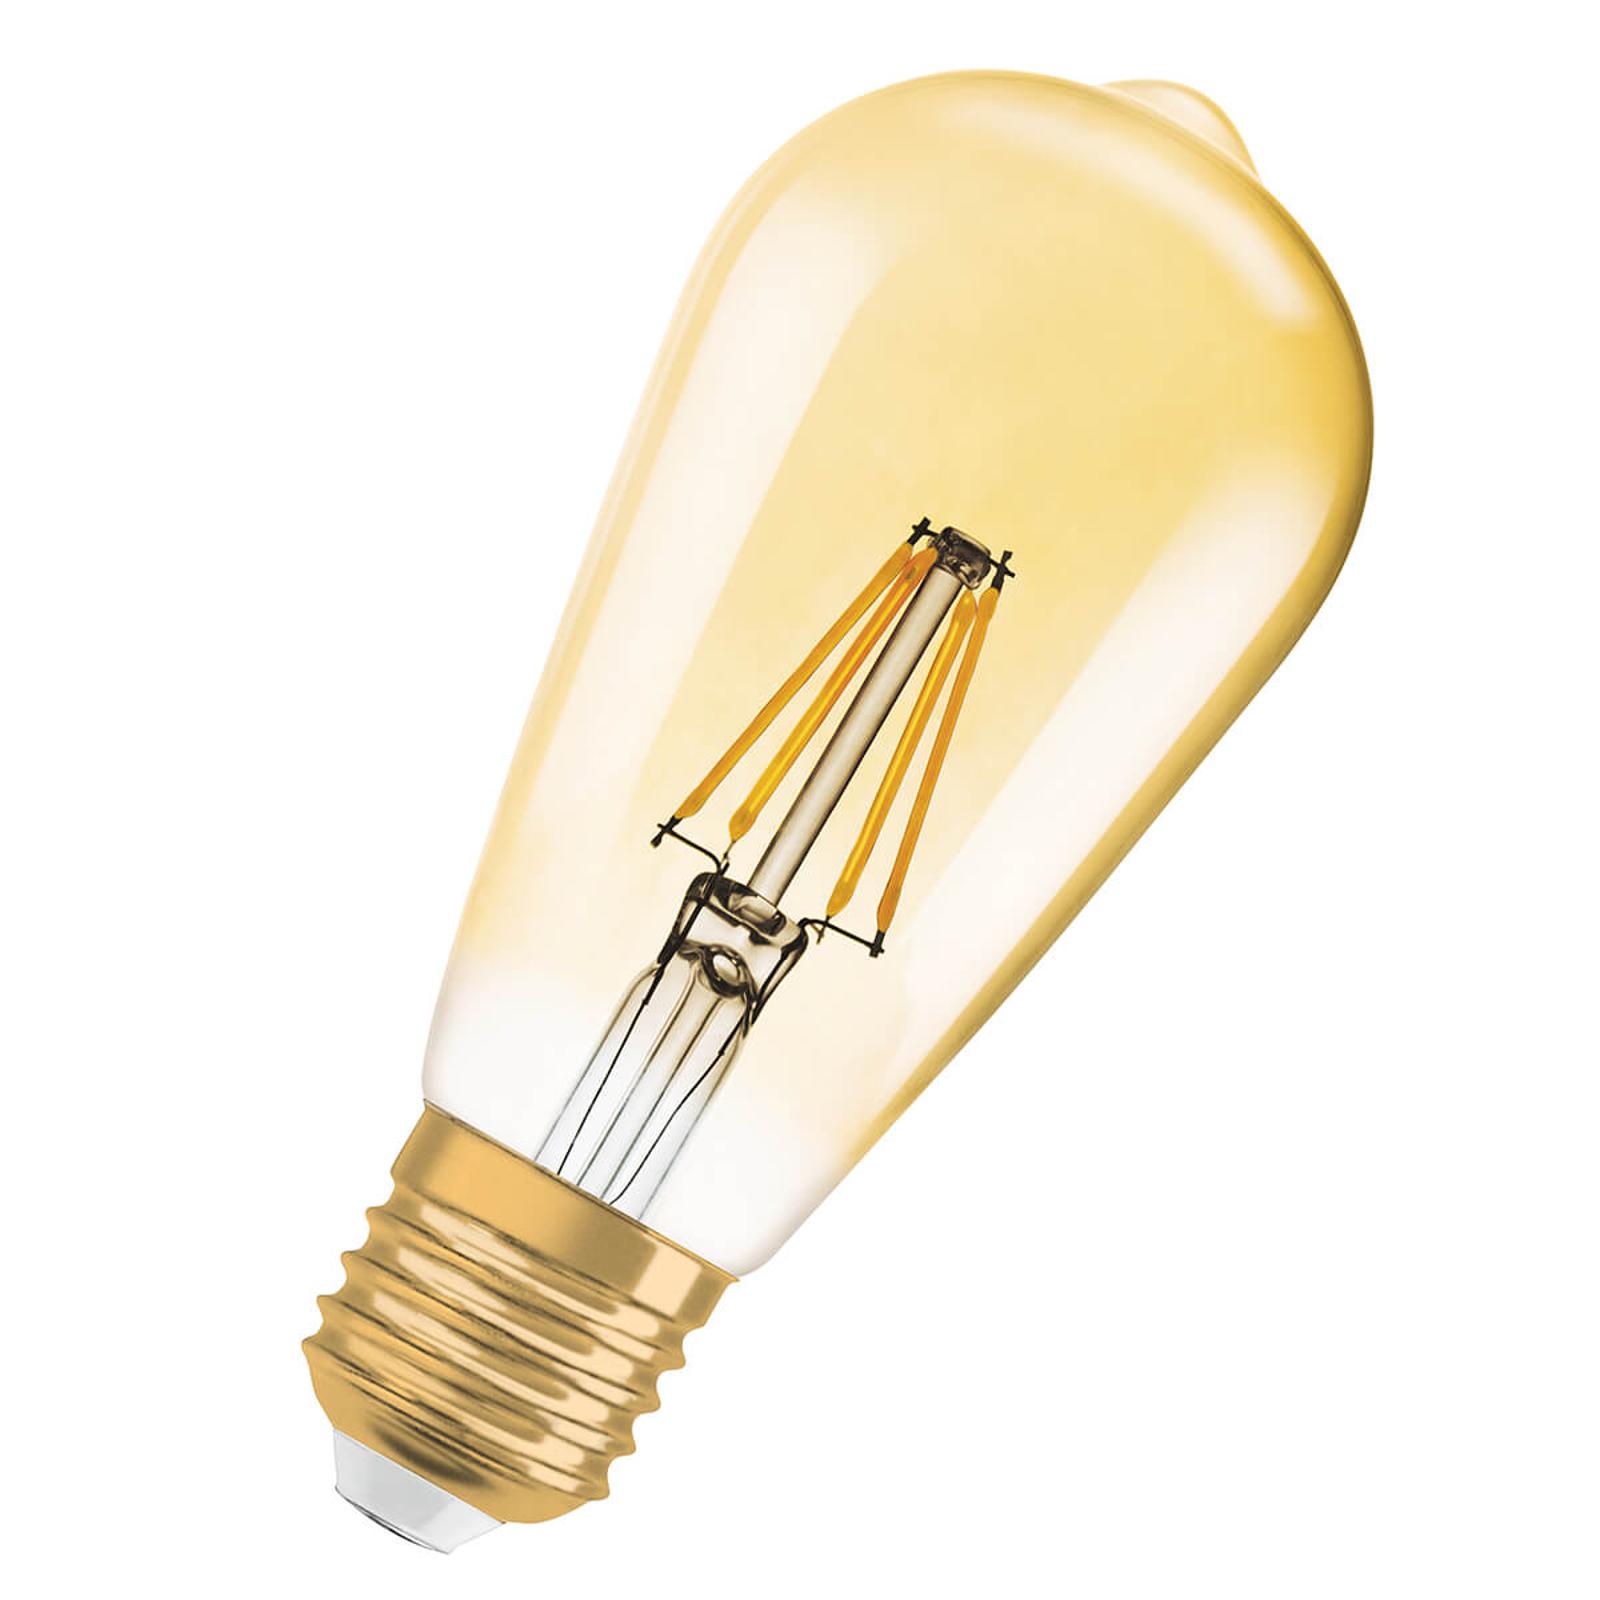 Ampoule LED Gold E27 2,5W, blanc chaud, 225lumens